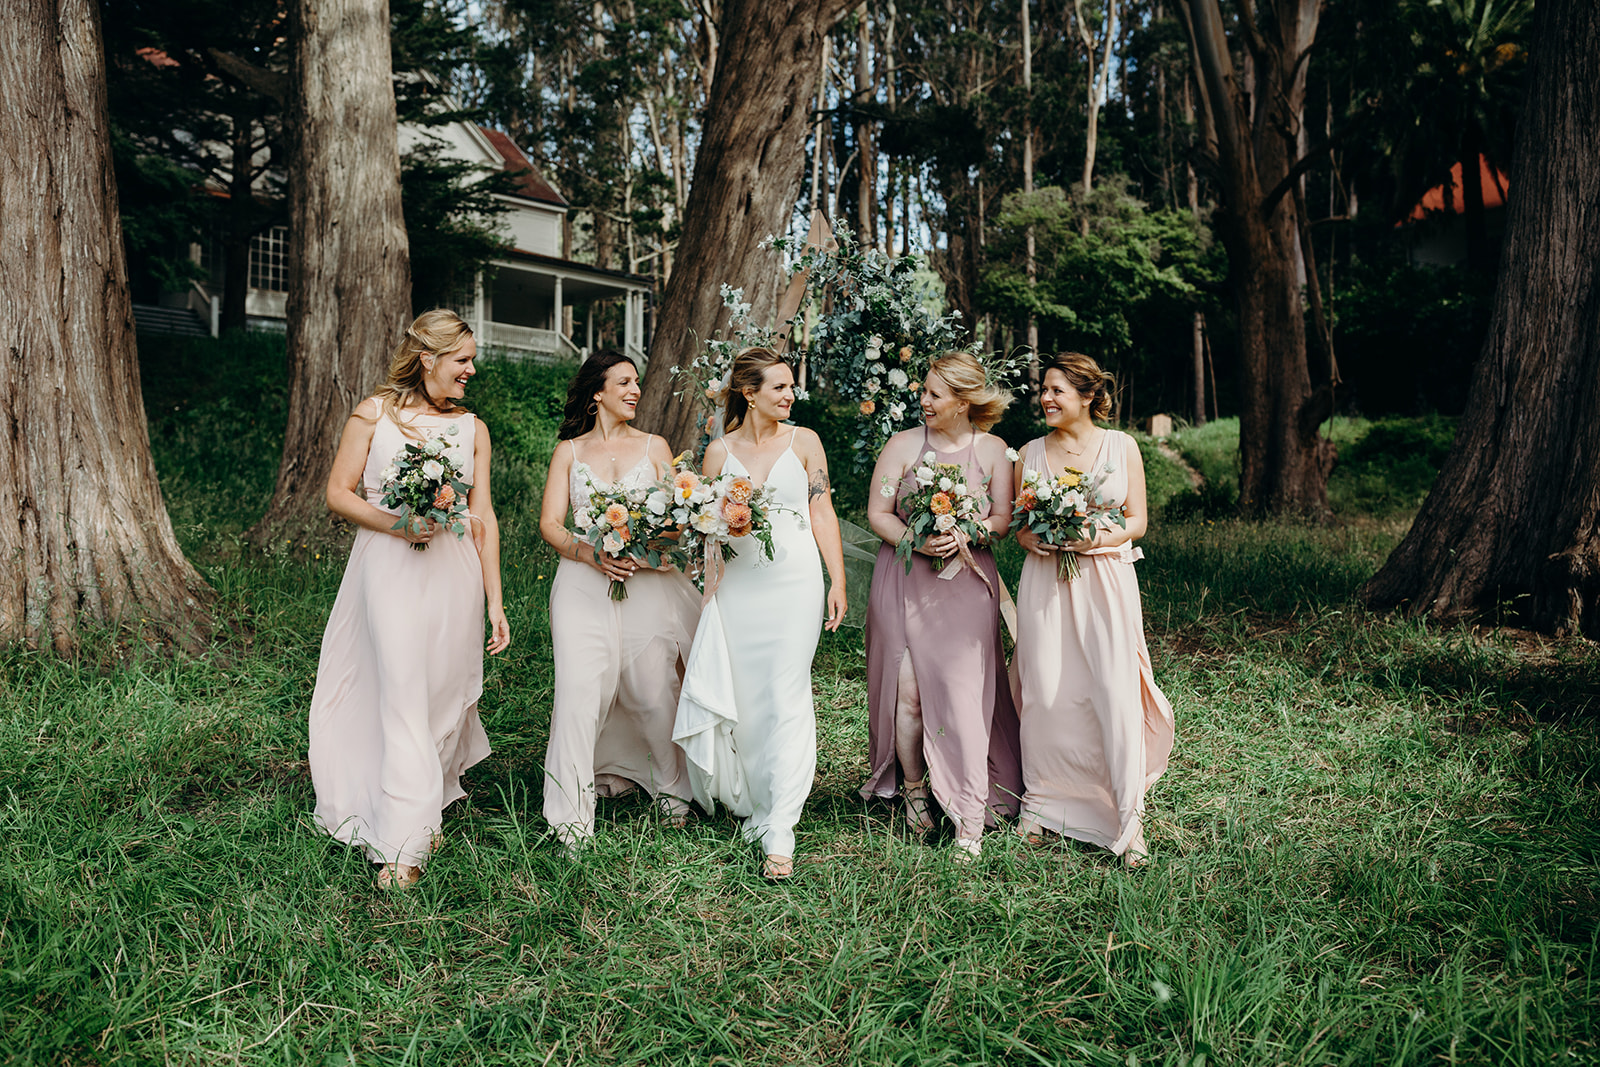 Whitney-Lauren-Headlands-Center-for-The-Arts-Wedding-1012.jpg